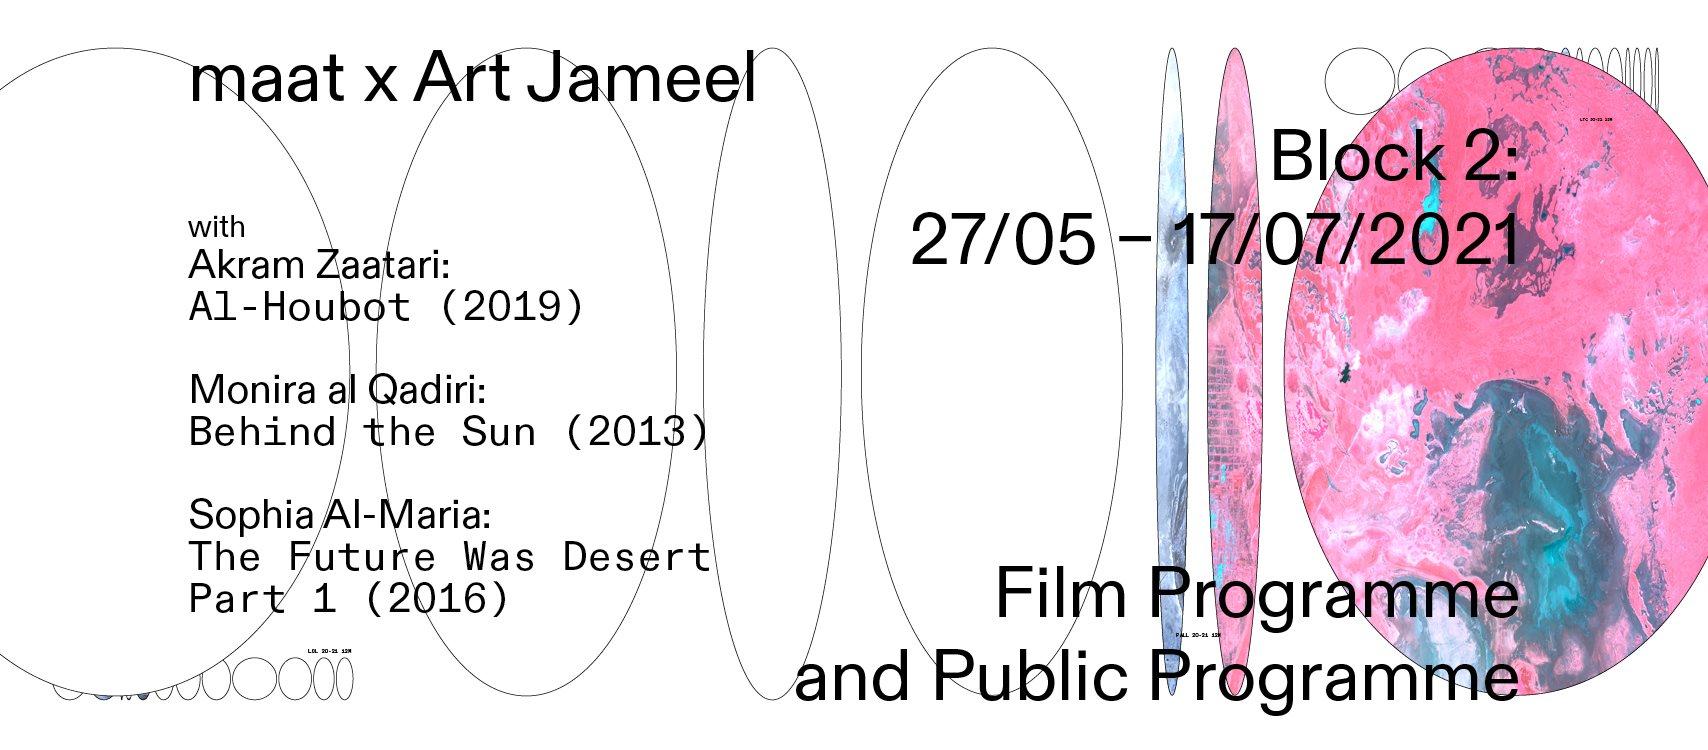 maat x Art Jameel – Film Programme : Block 2